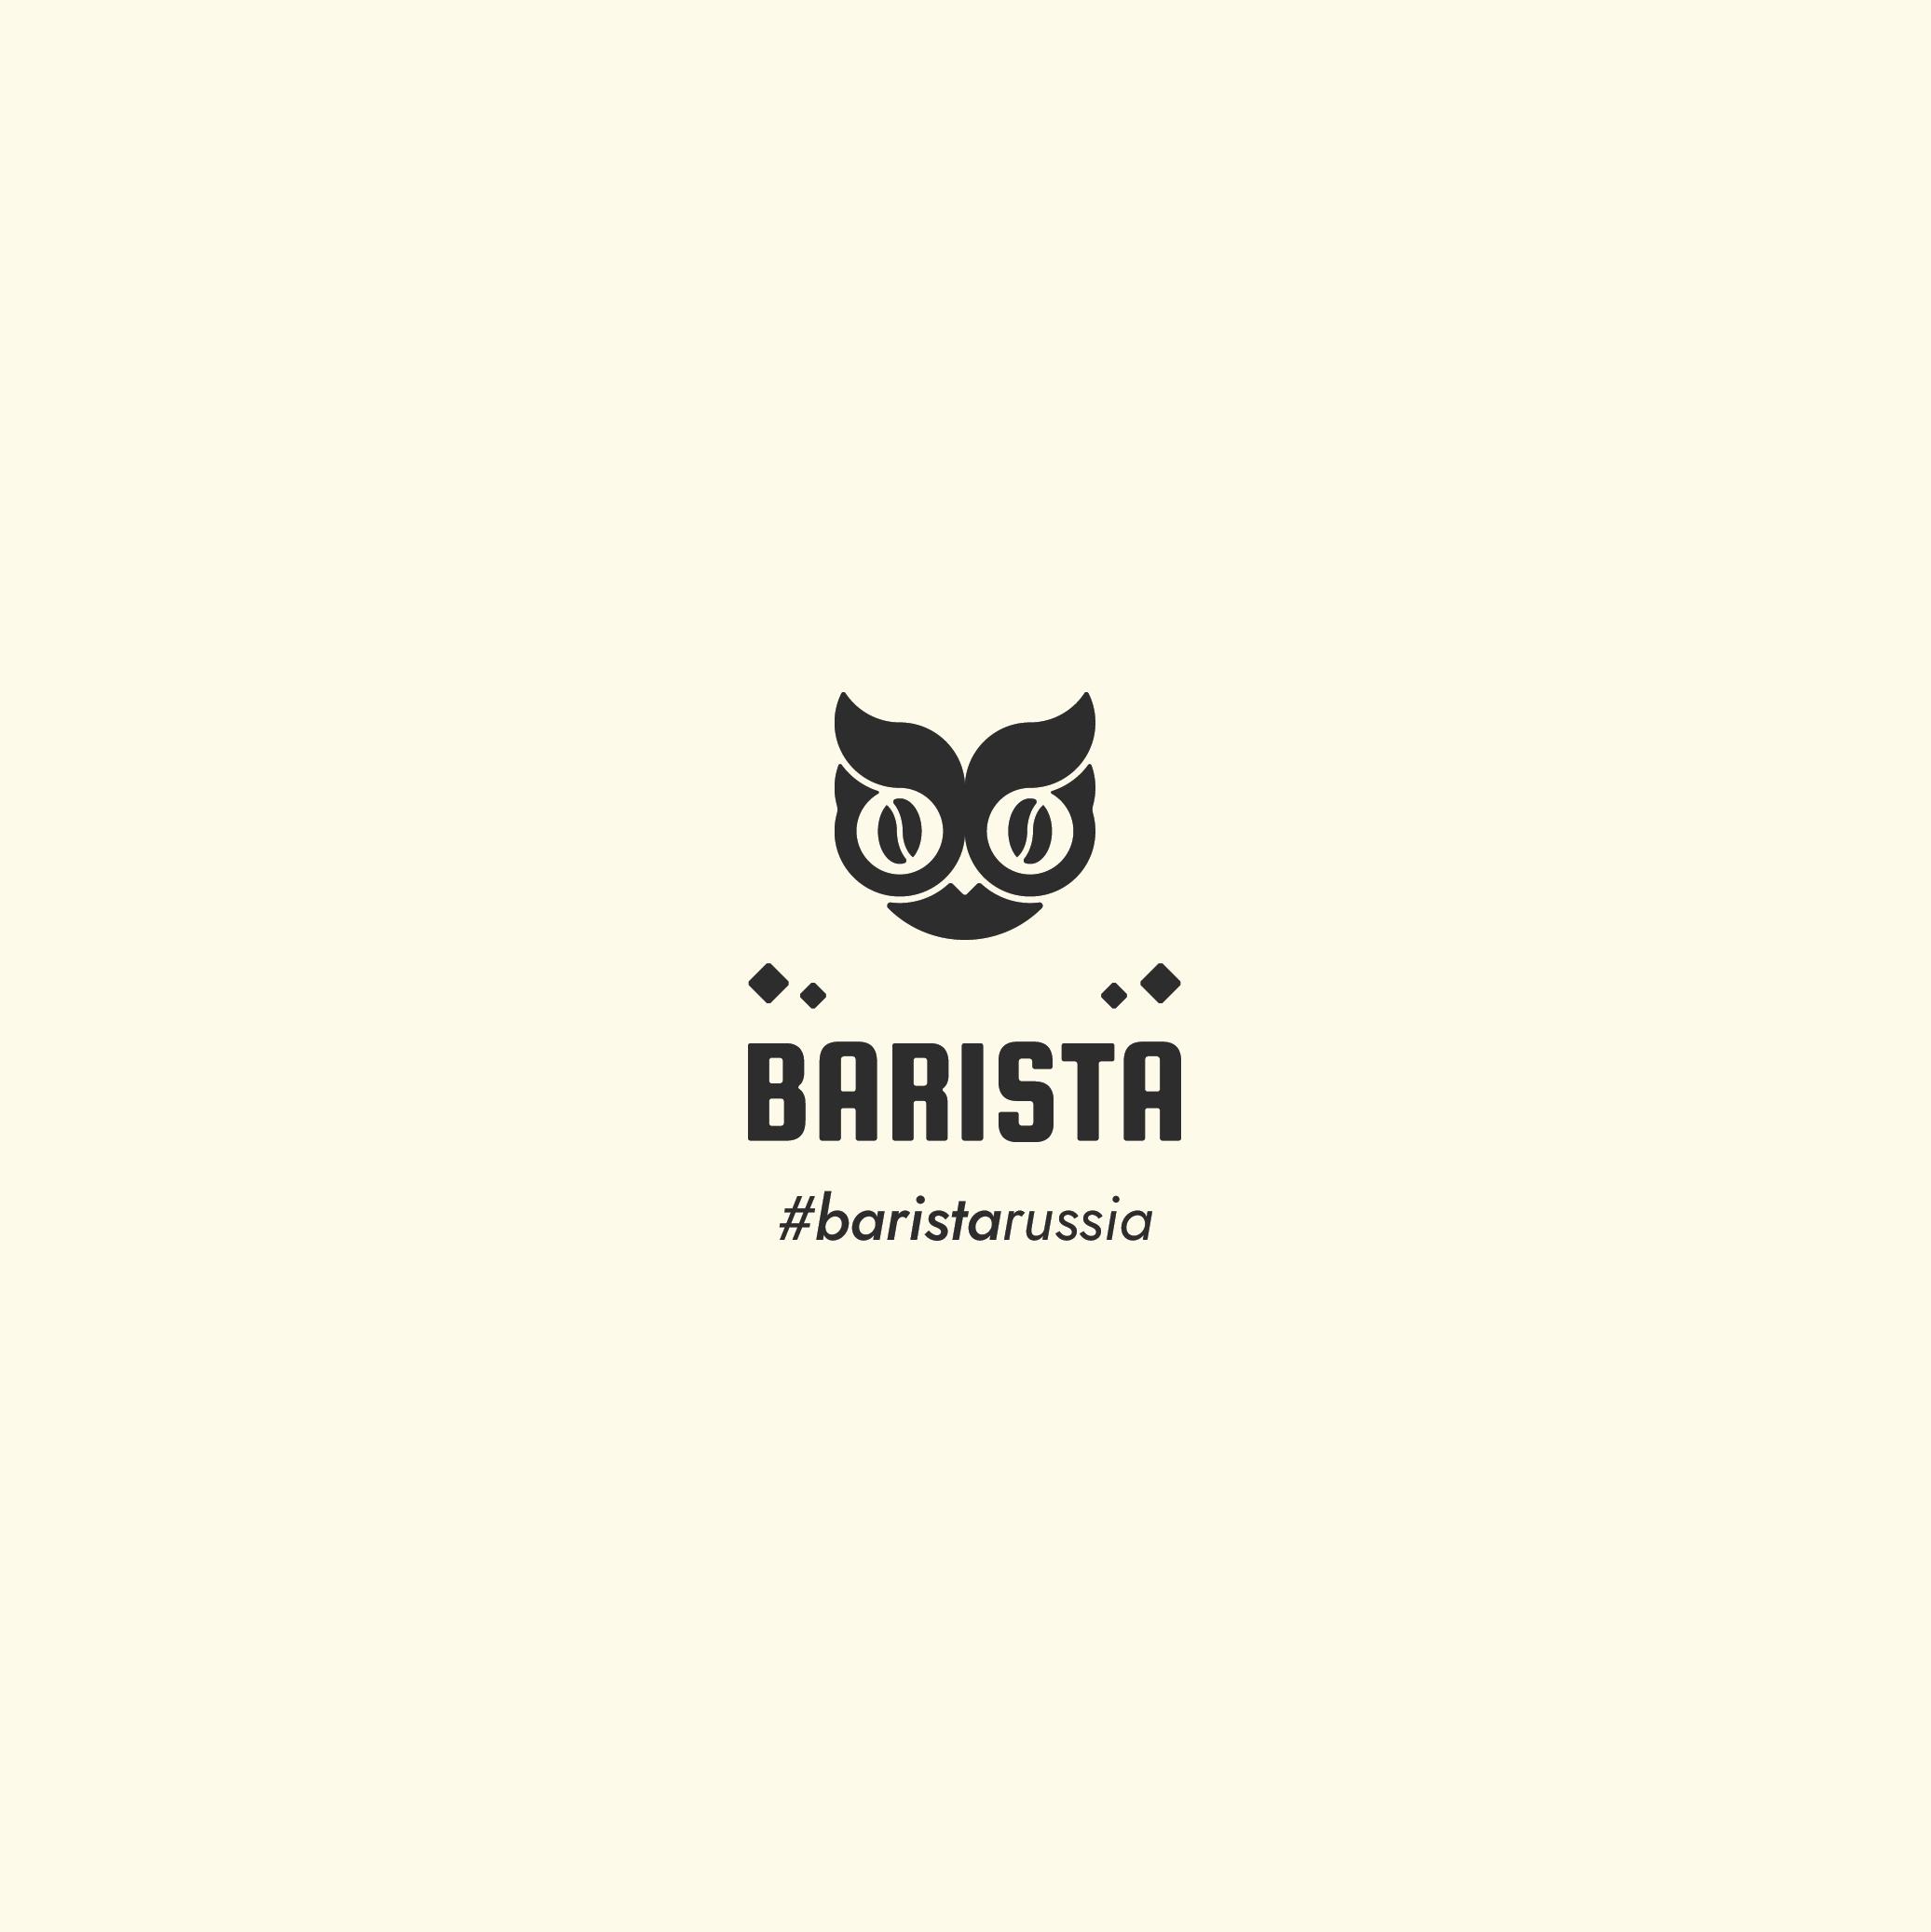 Ребрендинг логотипа сети кофеен фото f_3965ec9cde5b595d.png